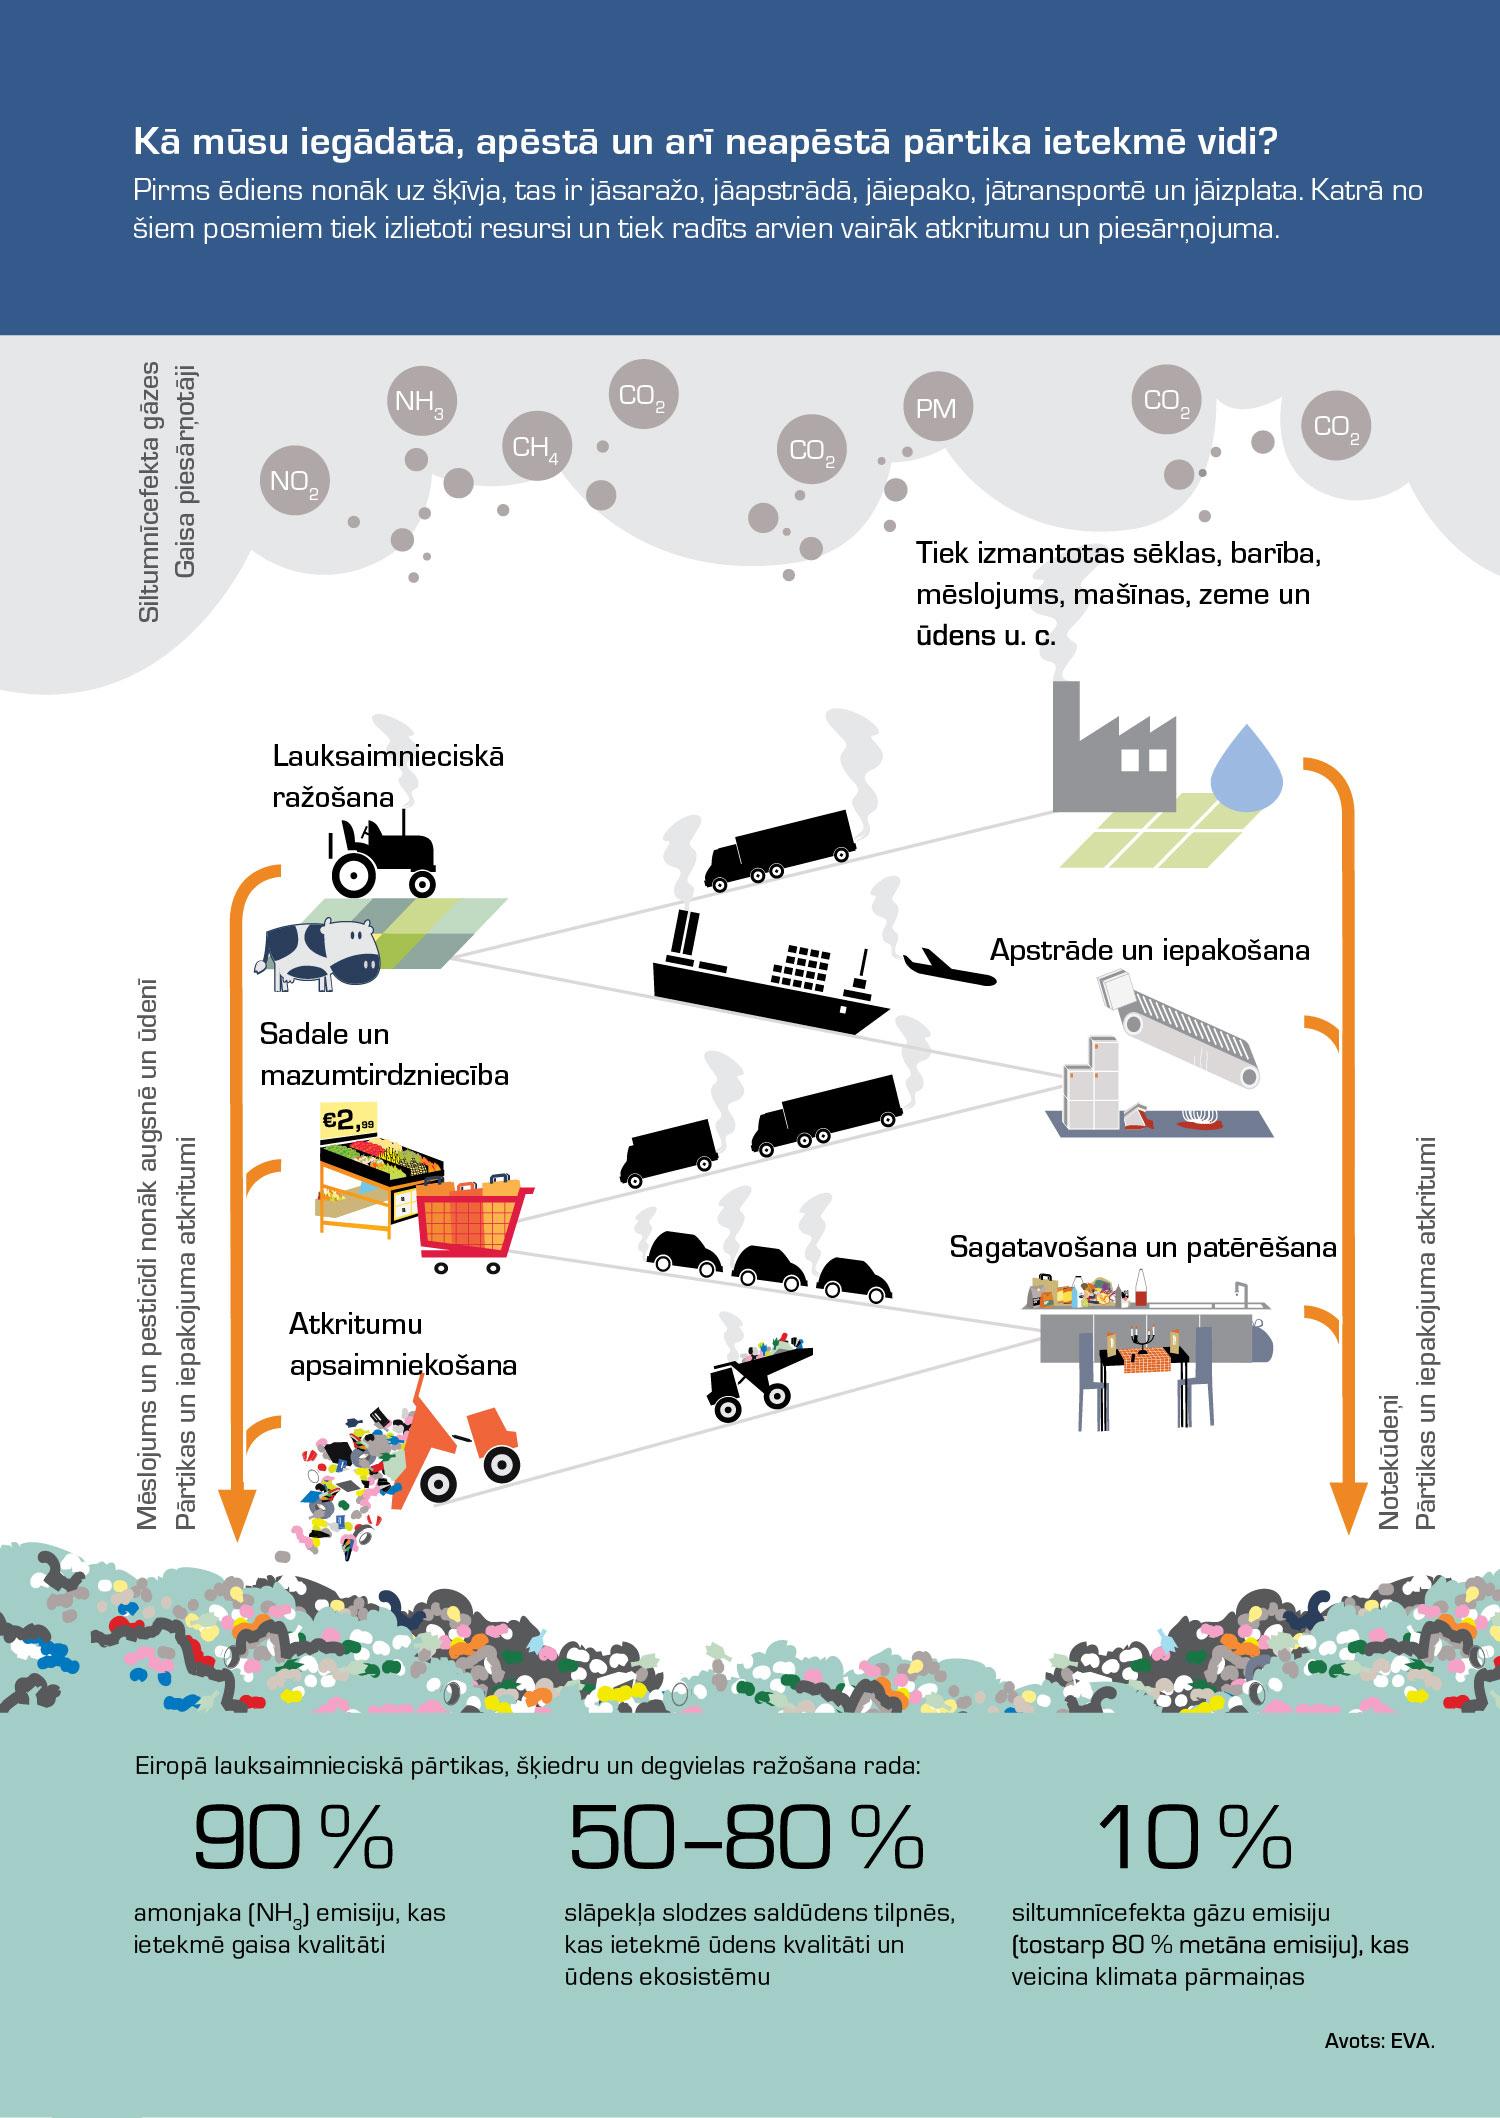 Kā mūsu iegādātā, apēstā un arī neapēstā pārtika ietekmē vidi?